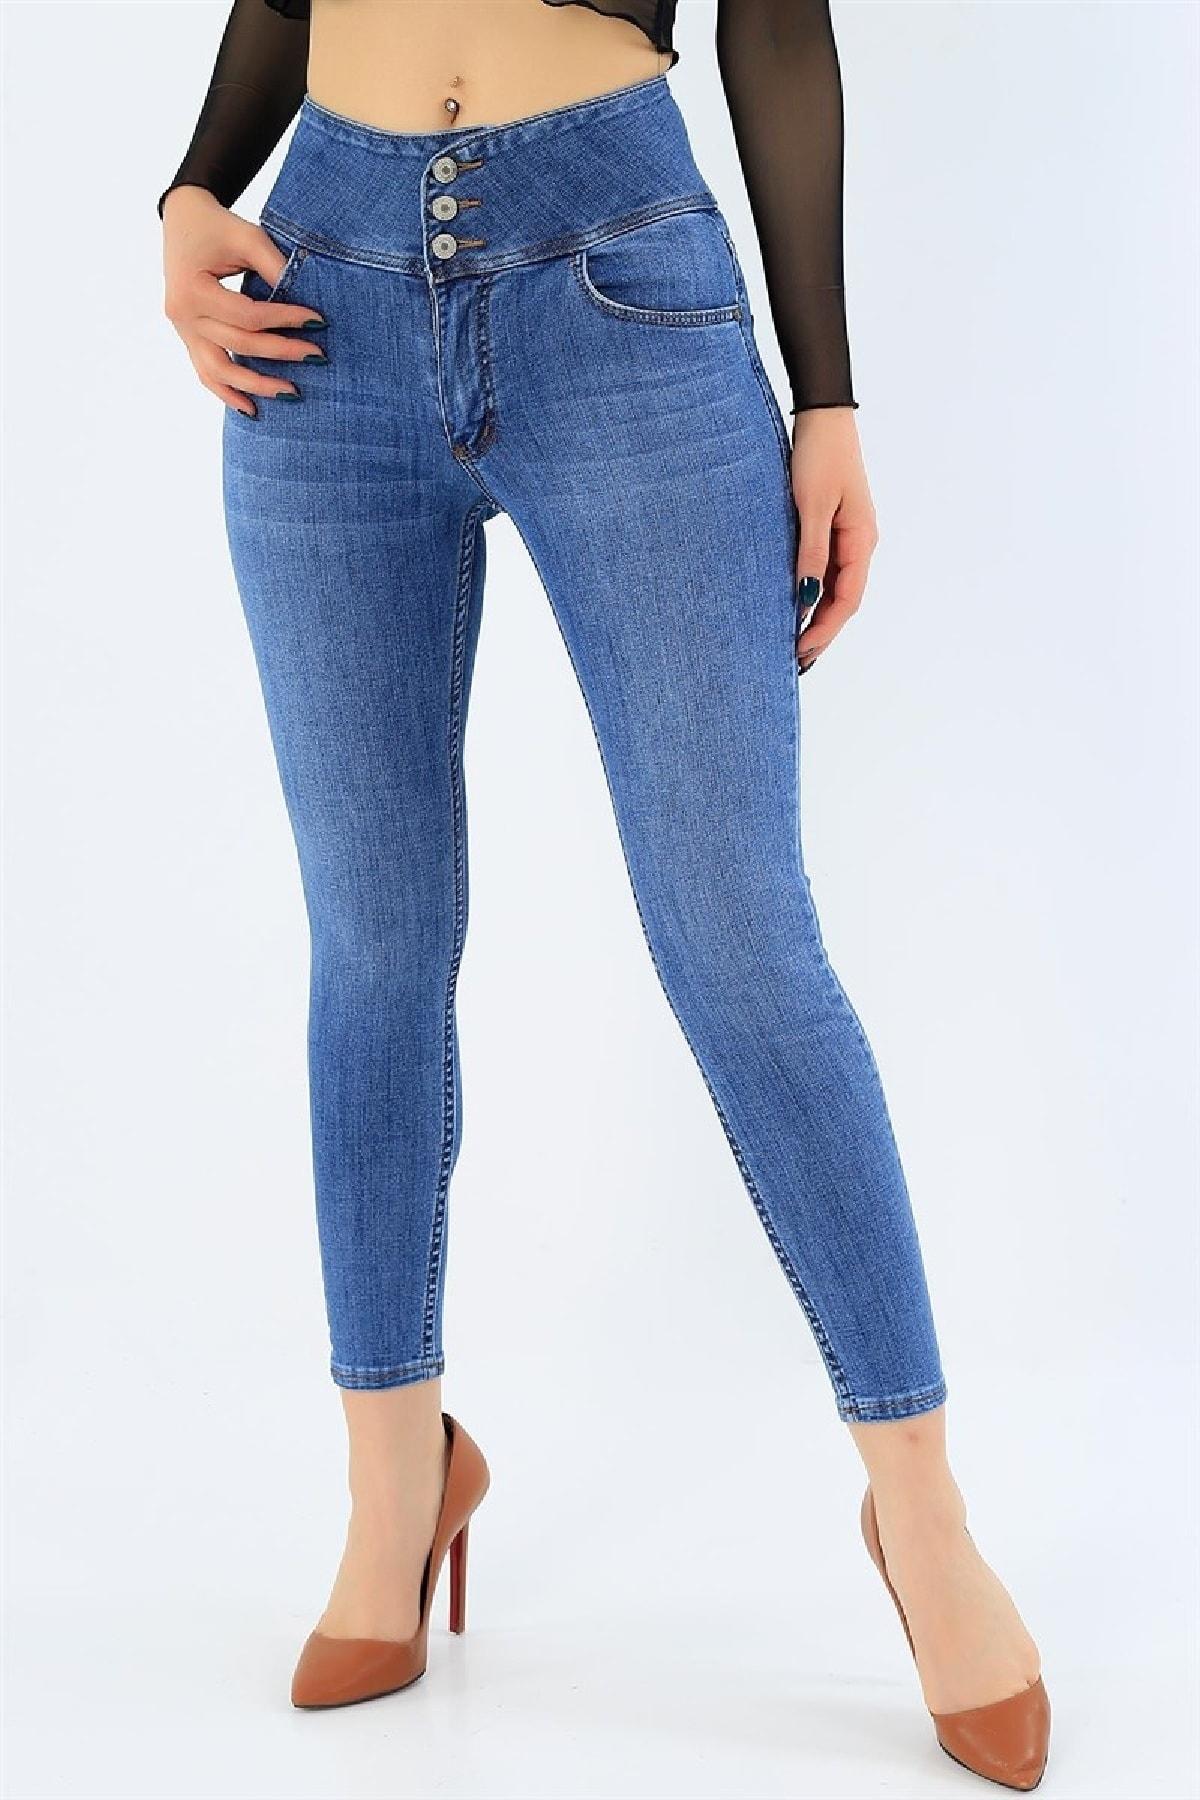 JANES Kadın Mavi Yüksek Bel Jean 2